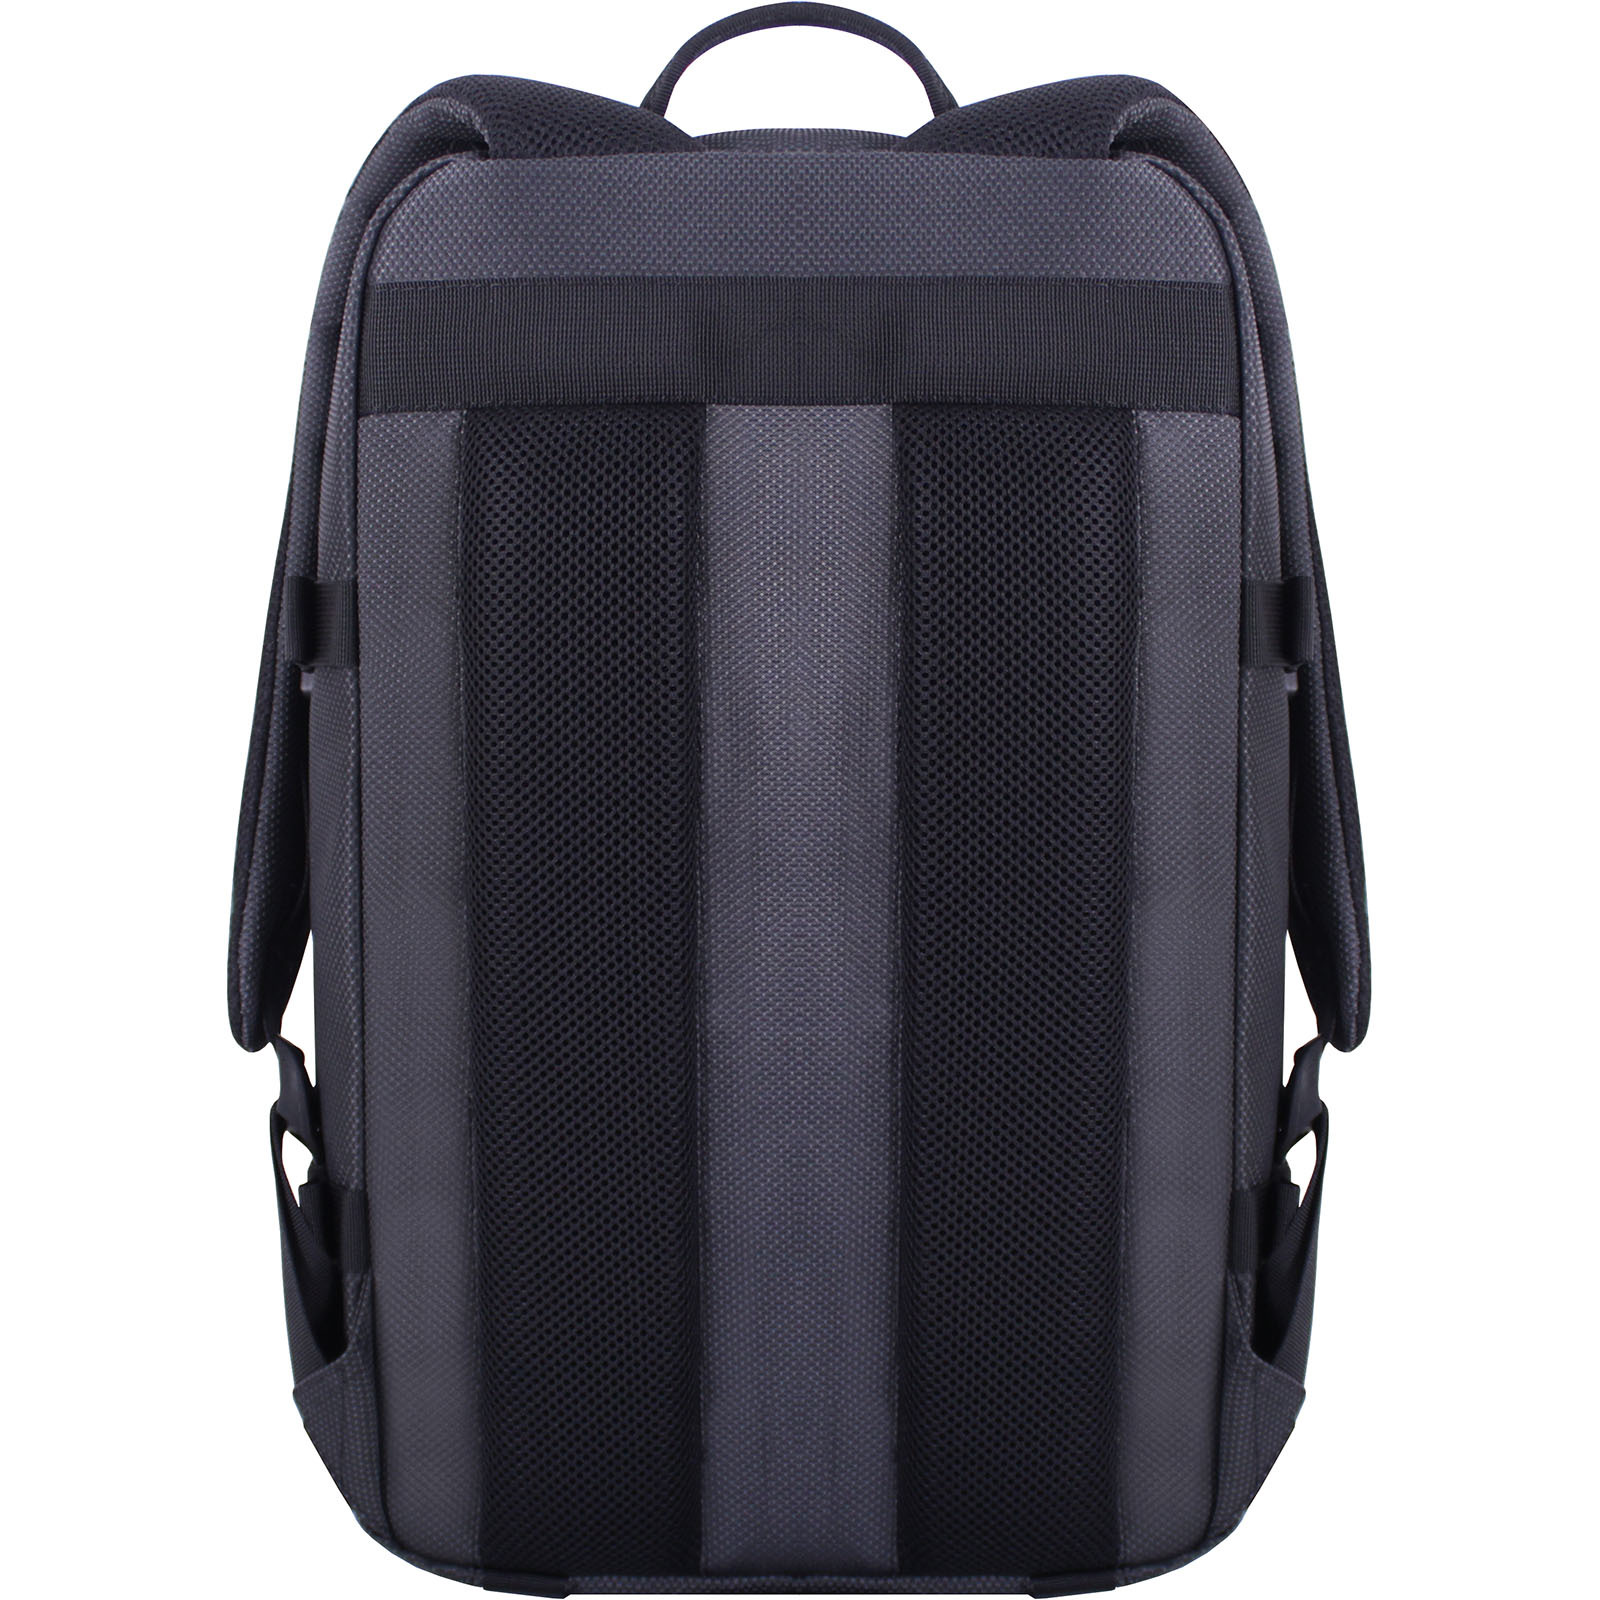 Рюкзак для ноутбука Bagland Jasper 19 л. Чёрный (00155169) фото 7